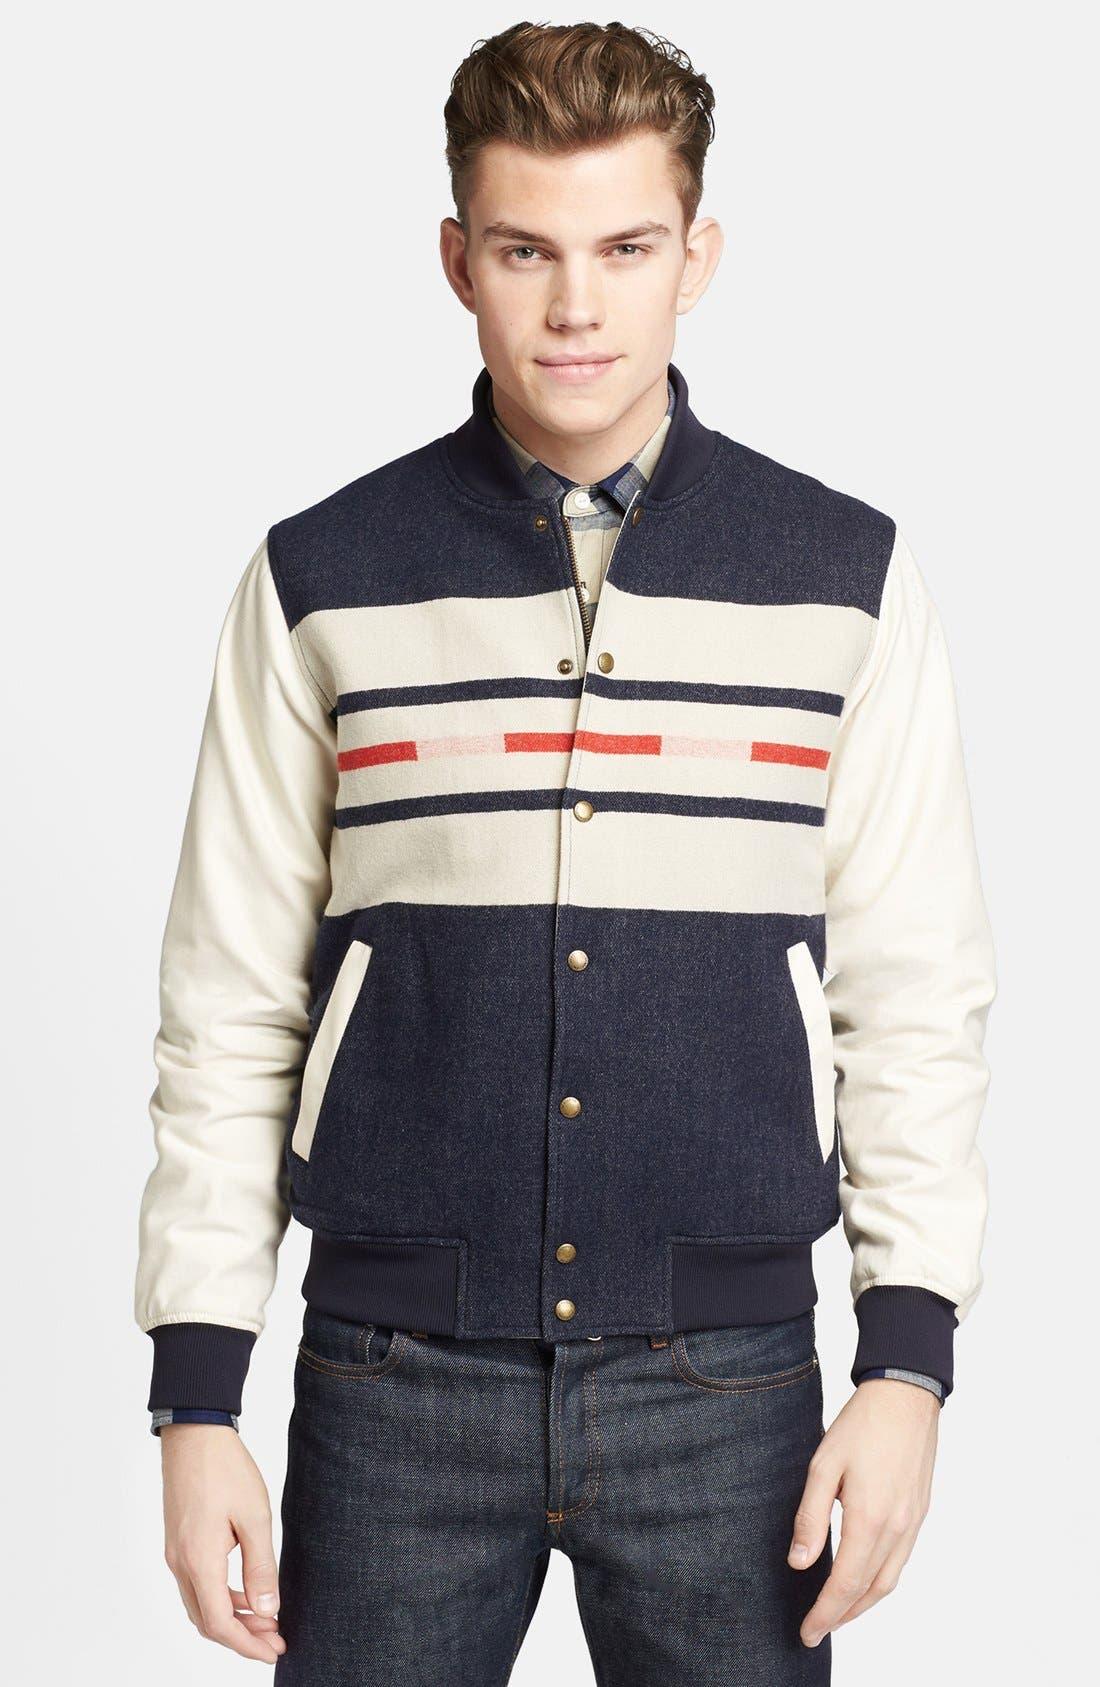 Alternate Image 1 Selected - Pendleton Portland Collection 'Franklin' Camp Stripe Varsity Jacket